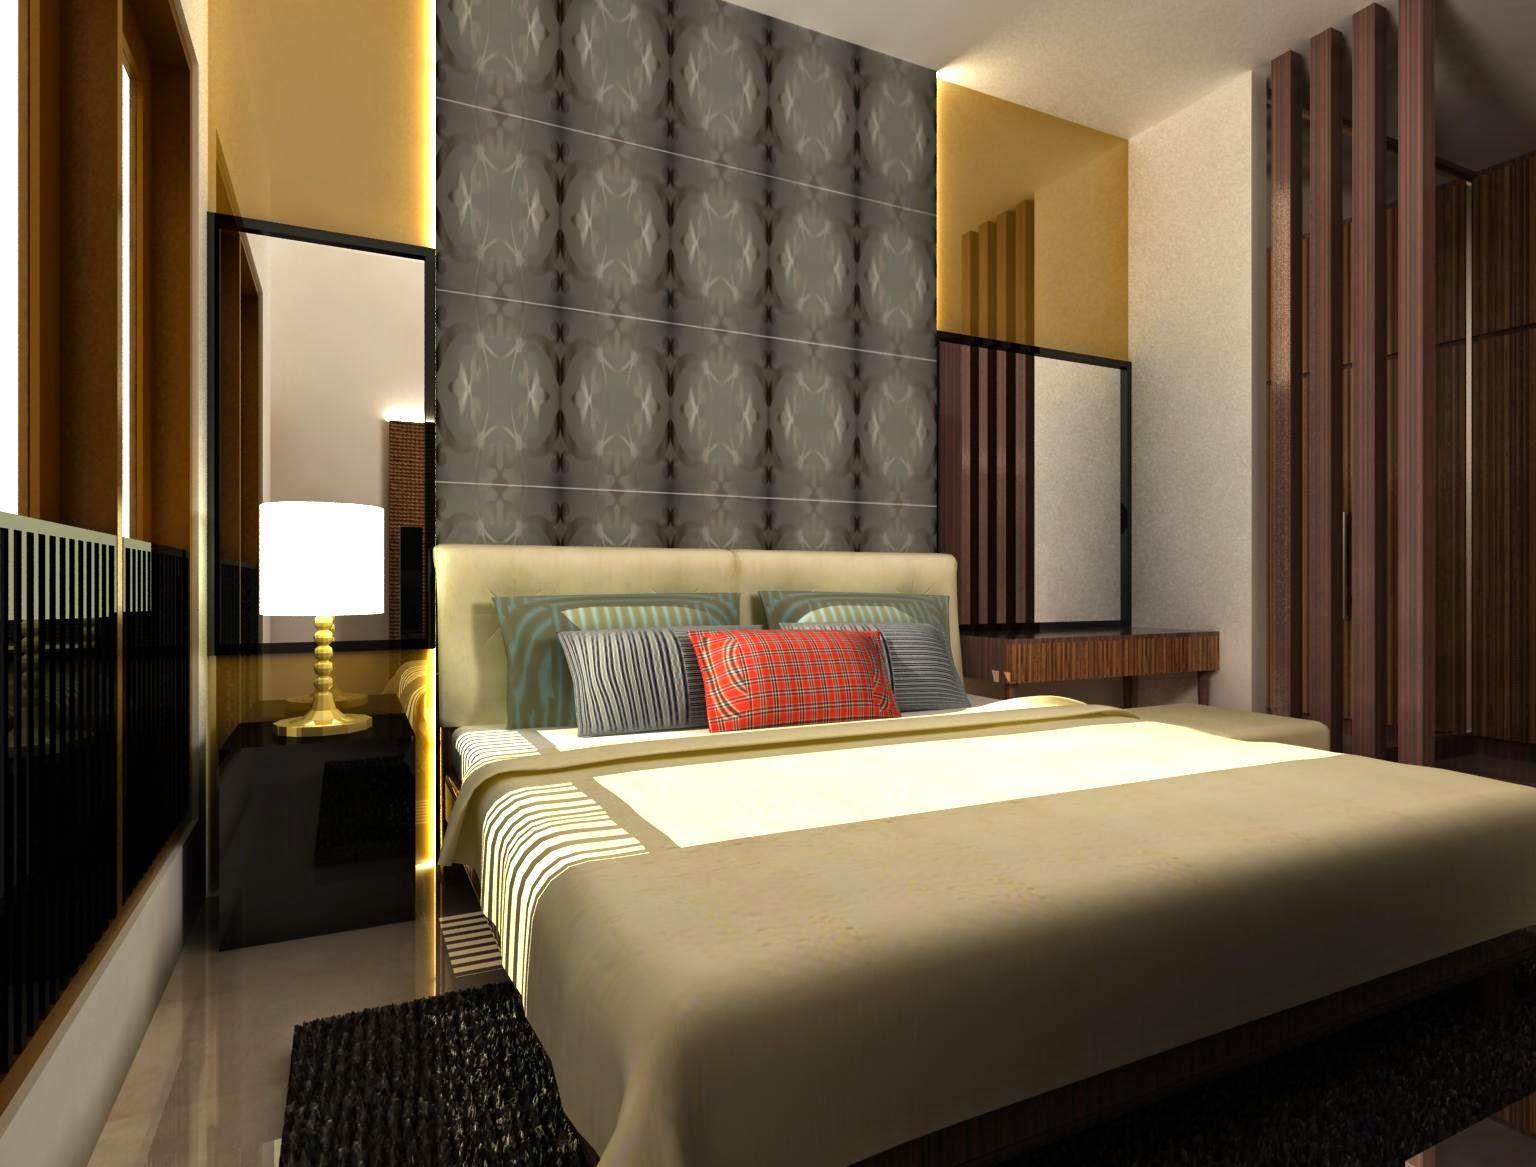 6 Desain Interior Kamar Tidur Minimalis Terbaru